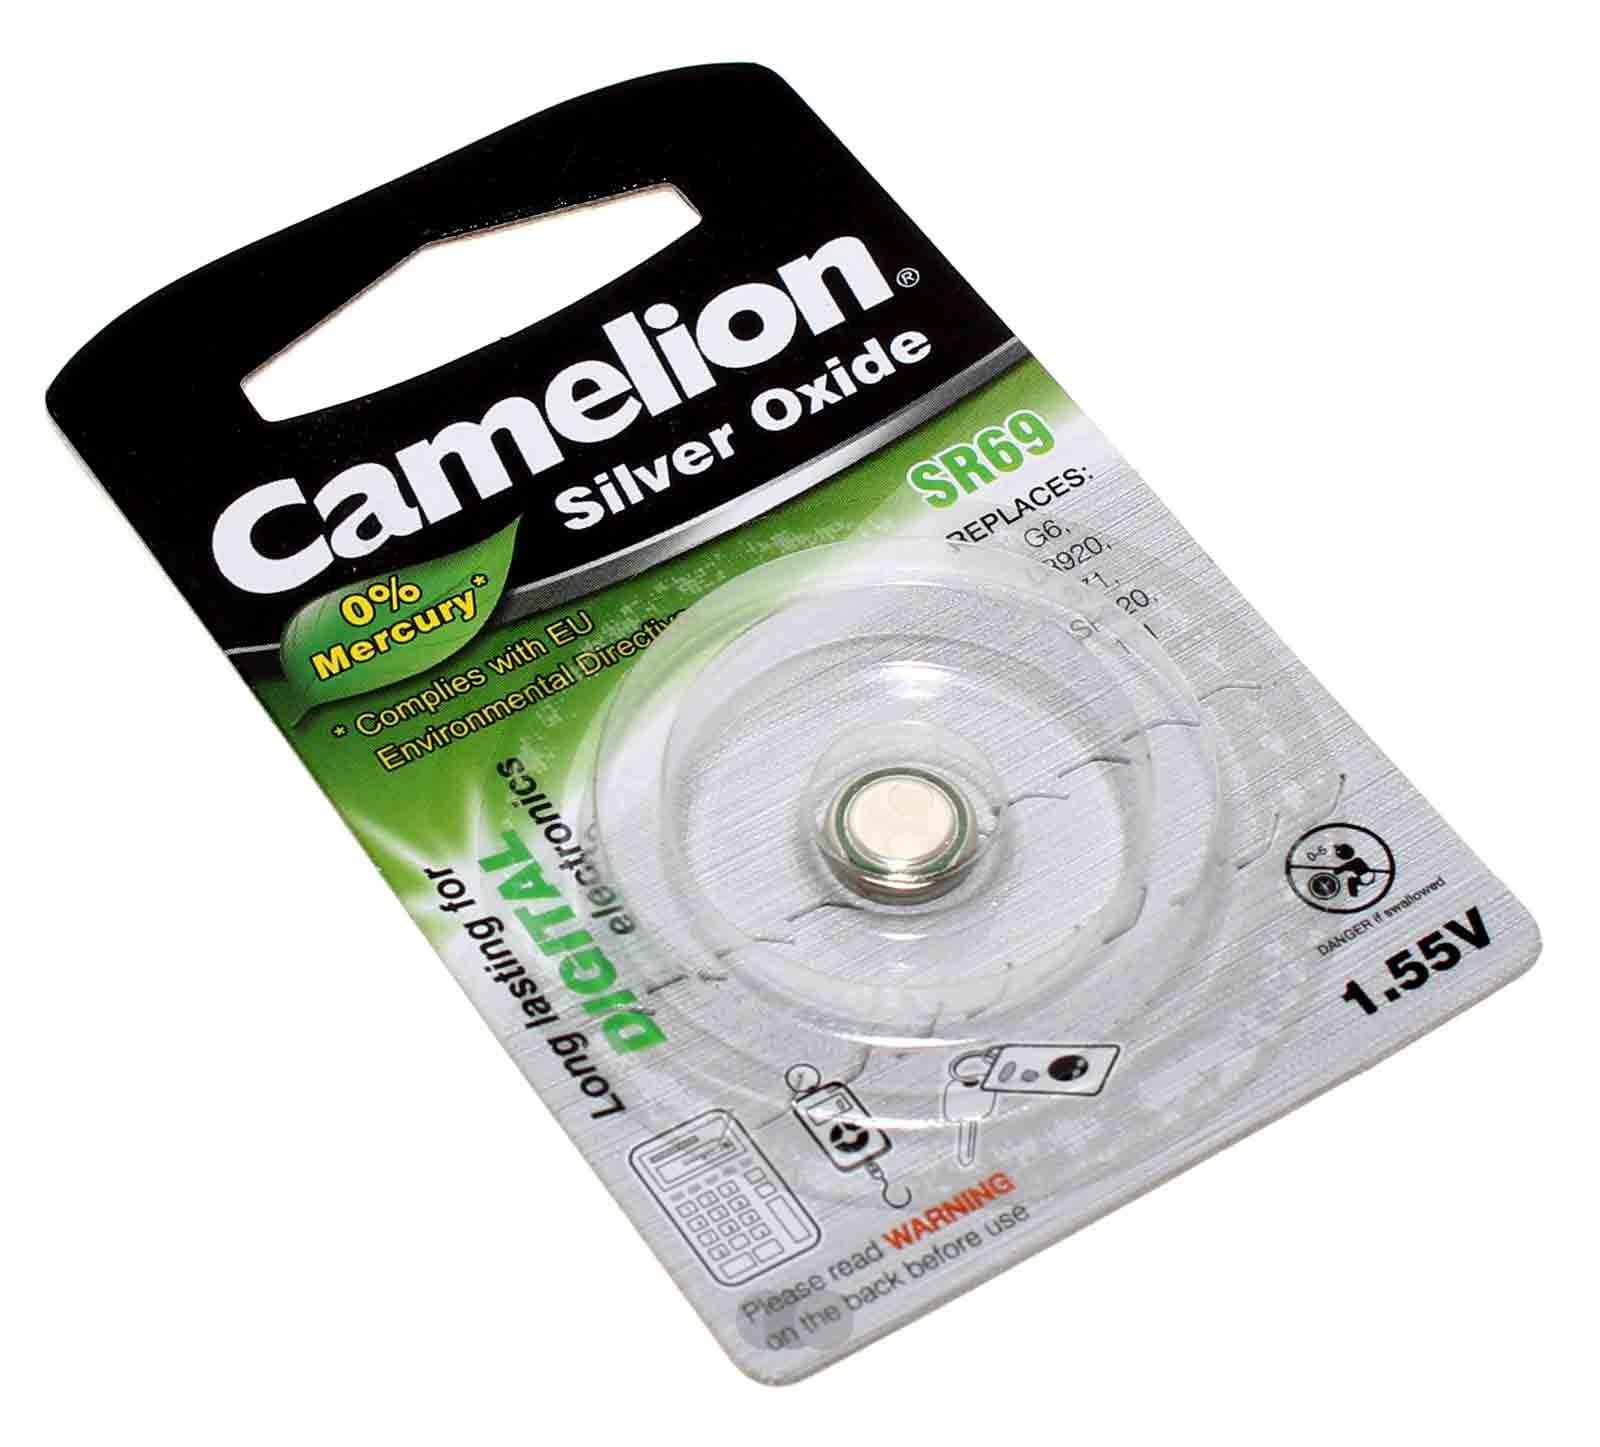 Camelion SR69 Silber-Oxid Knopfzelle Batterie, G6, LR920, 371, 171, SR920, 1,55V, 25mAh